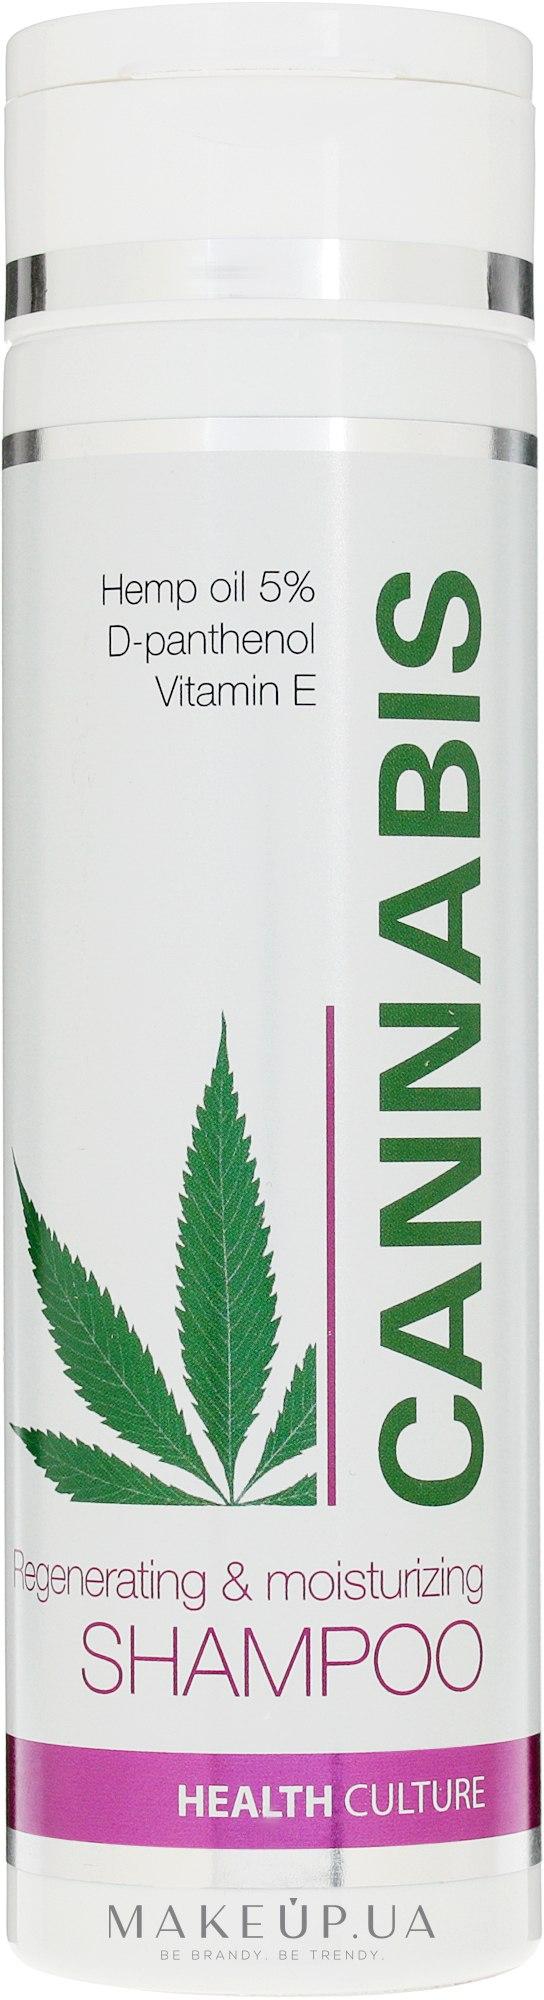 Шампунь для волос с коноплей молочко из семян конопли